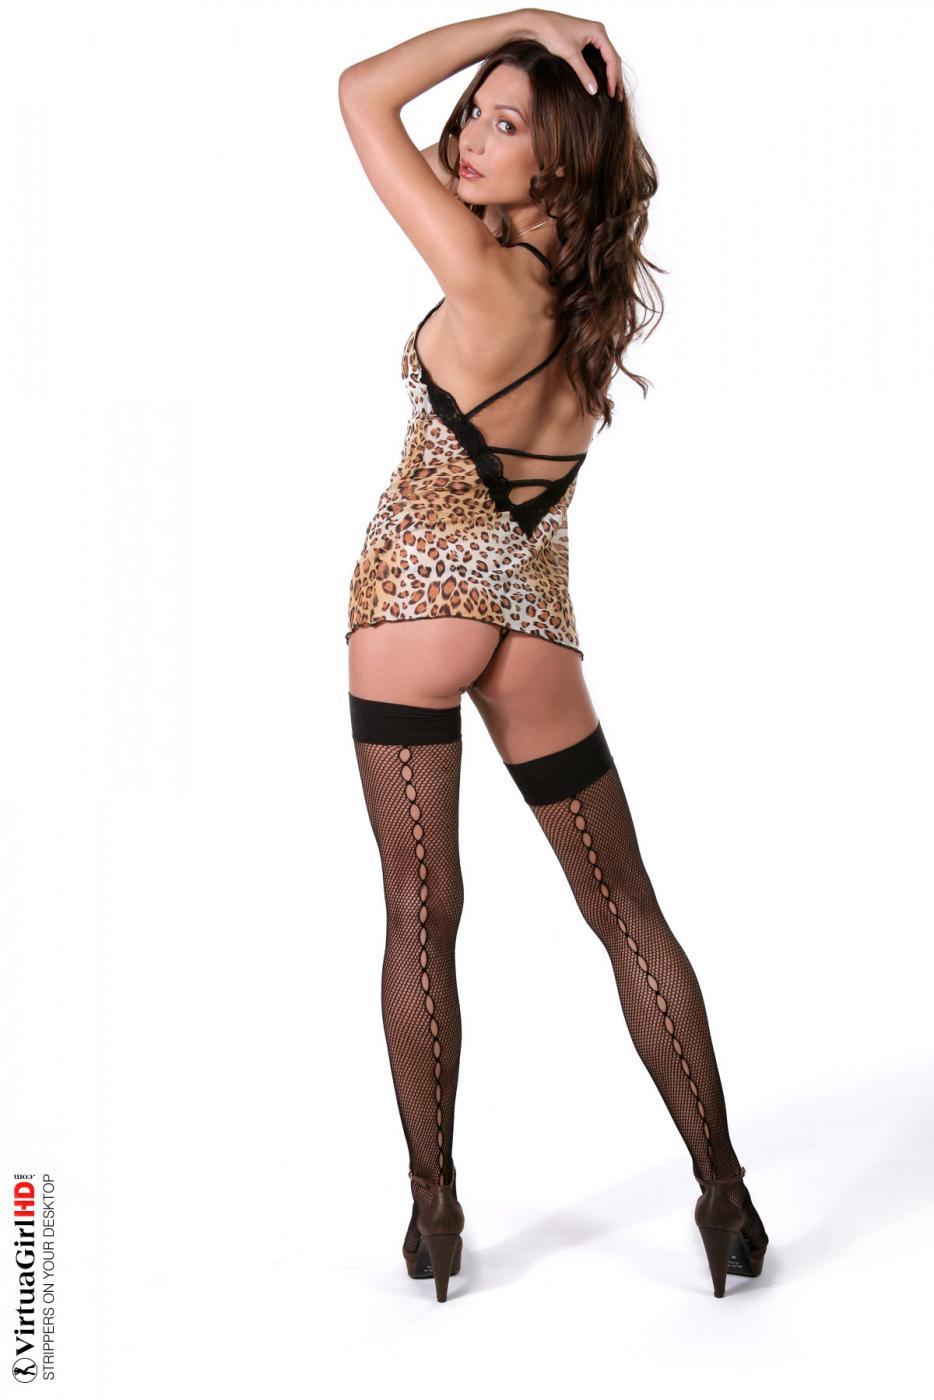 Zdena A in lingerie - ass